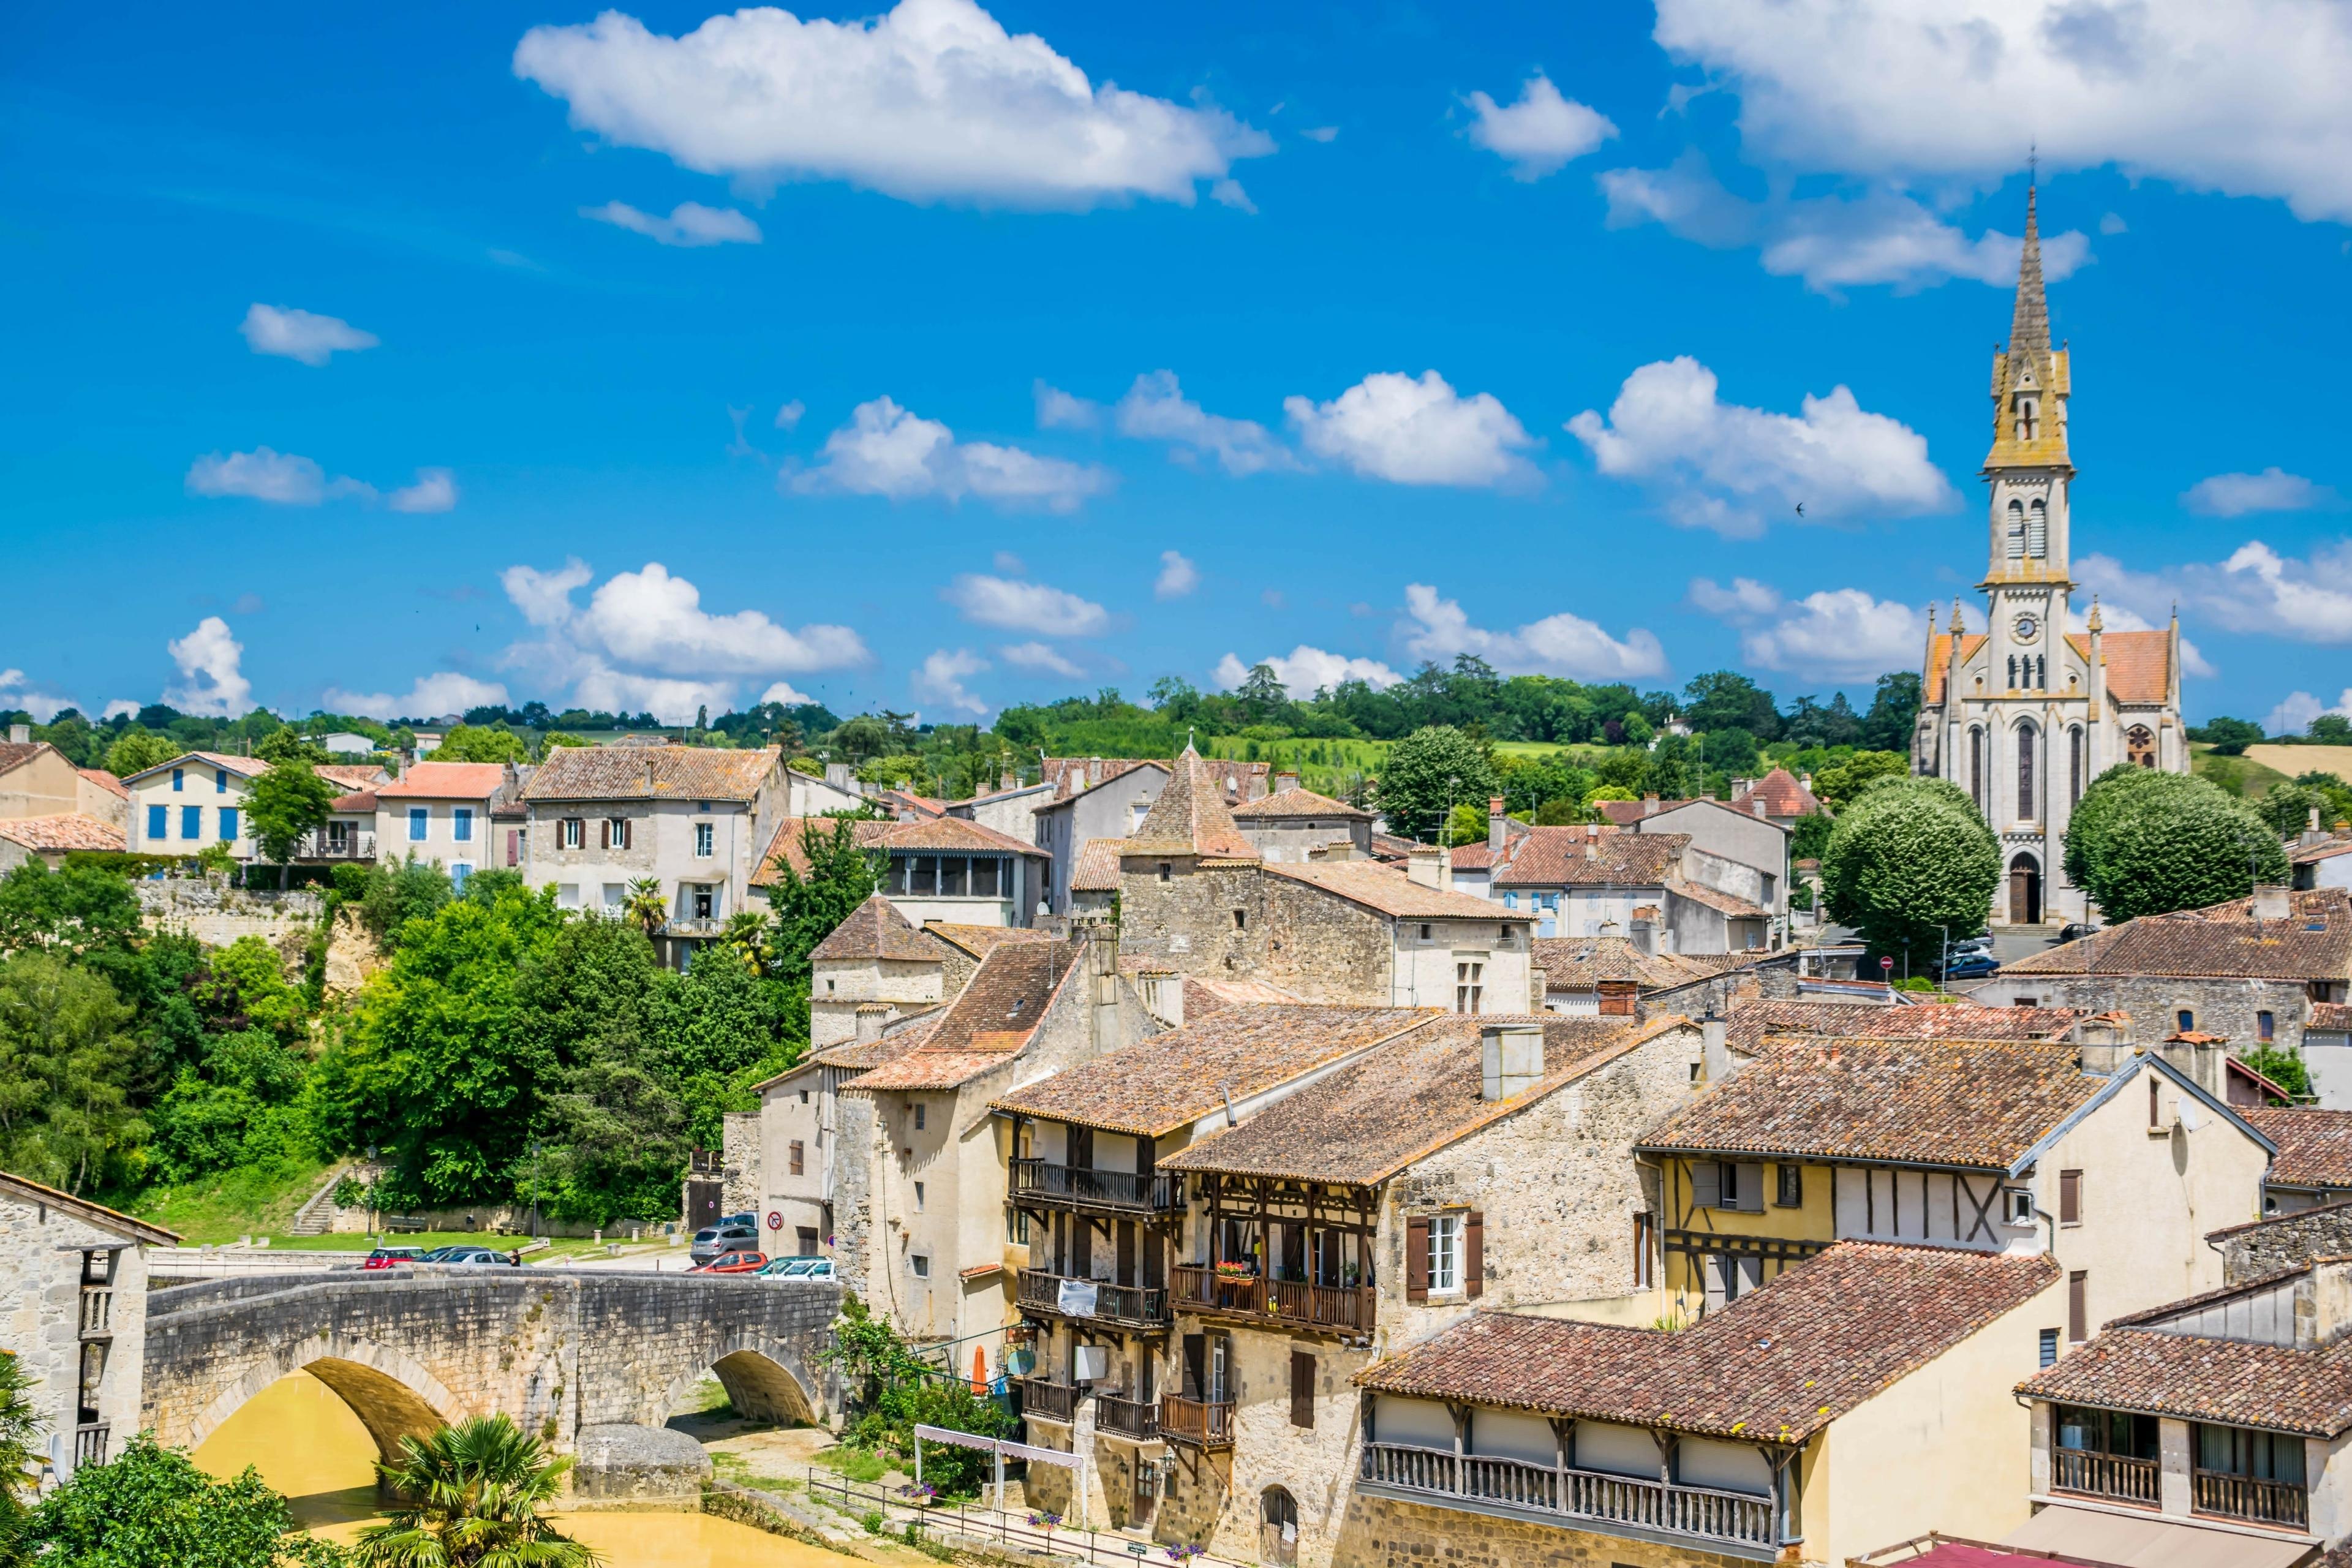 Agen, Lot-et-Garonne, France